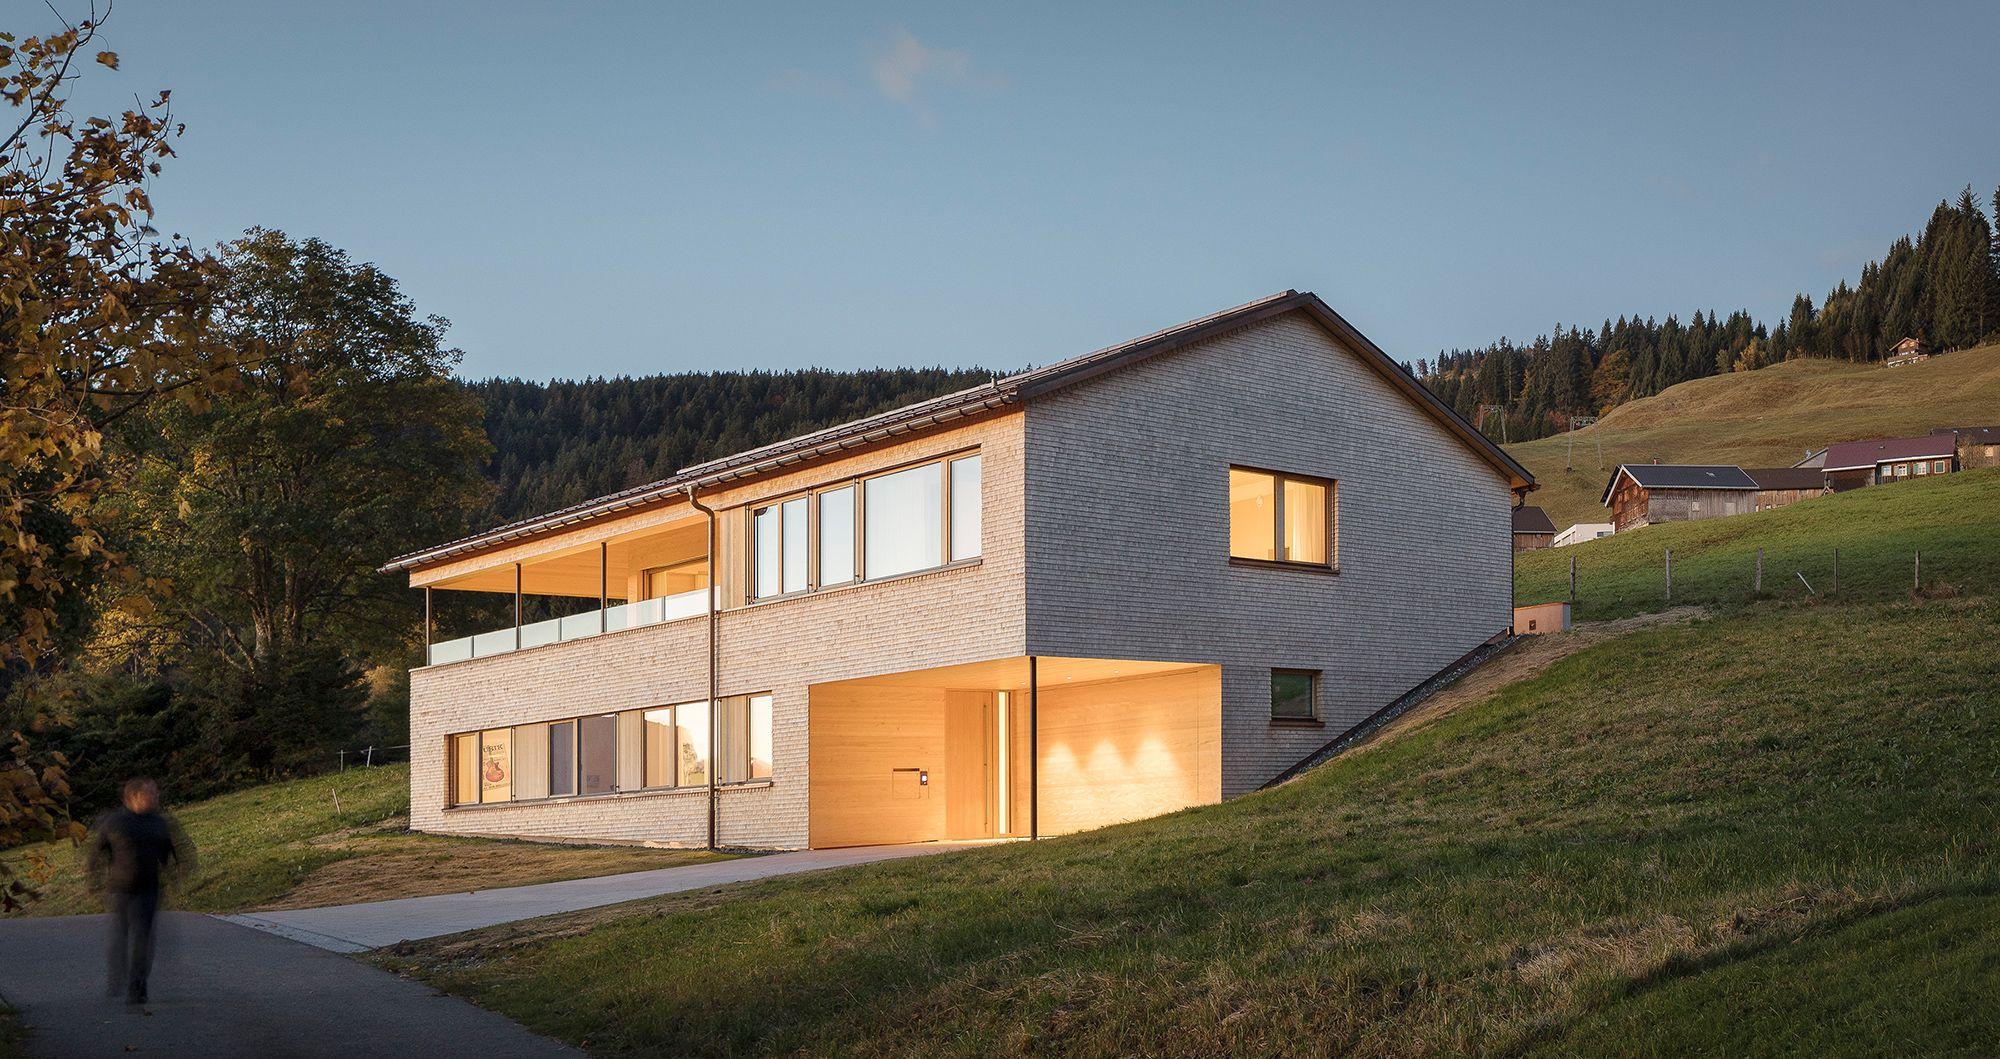 Jurgen Haller Projekte Haus Architektur Architektur Haus Haus Bauen